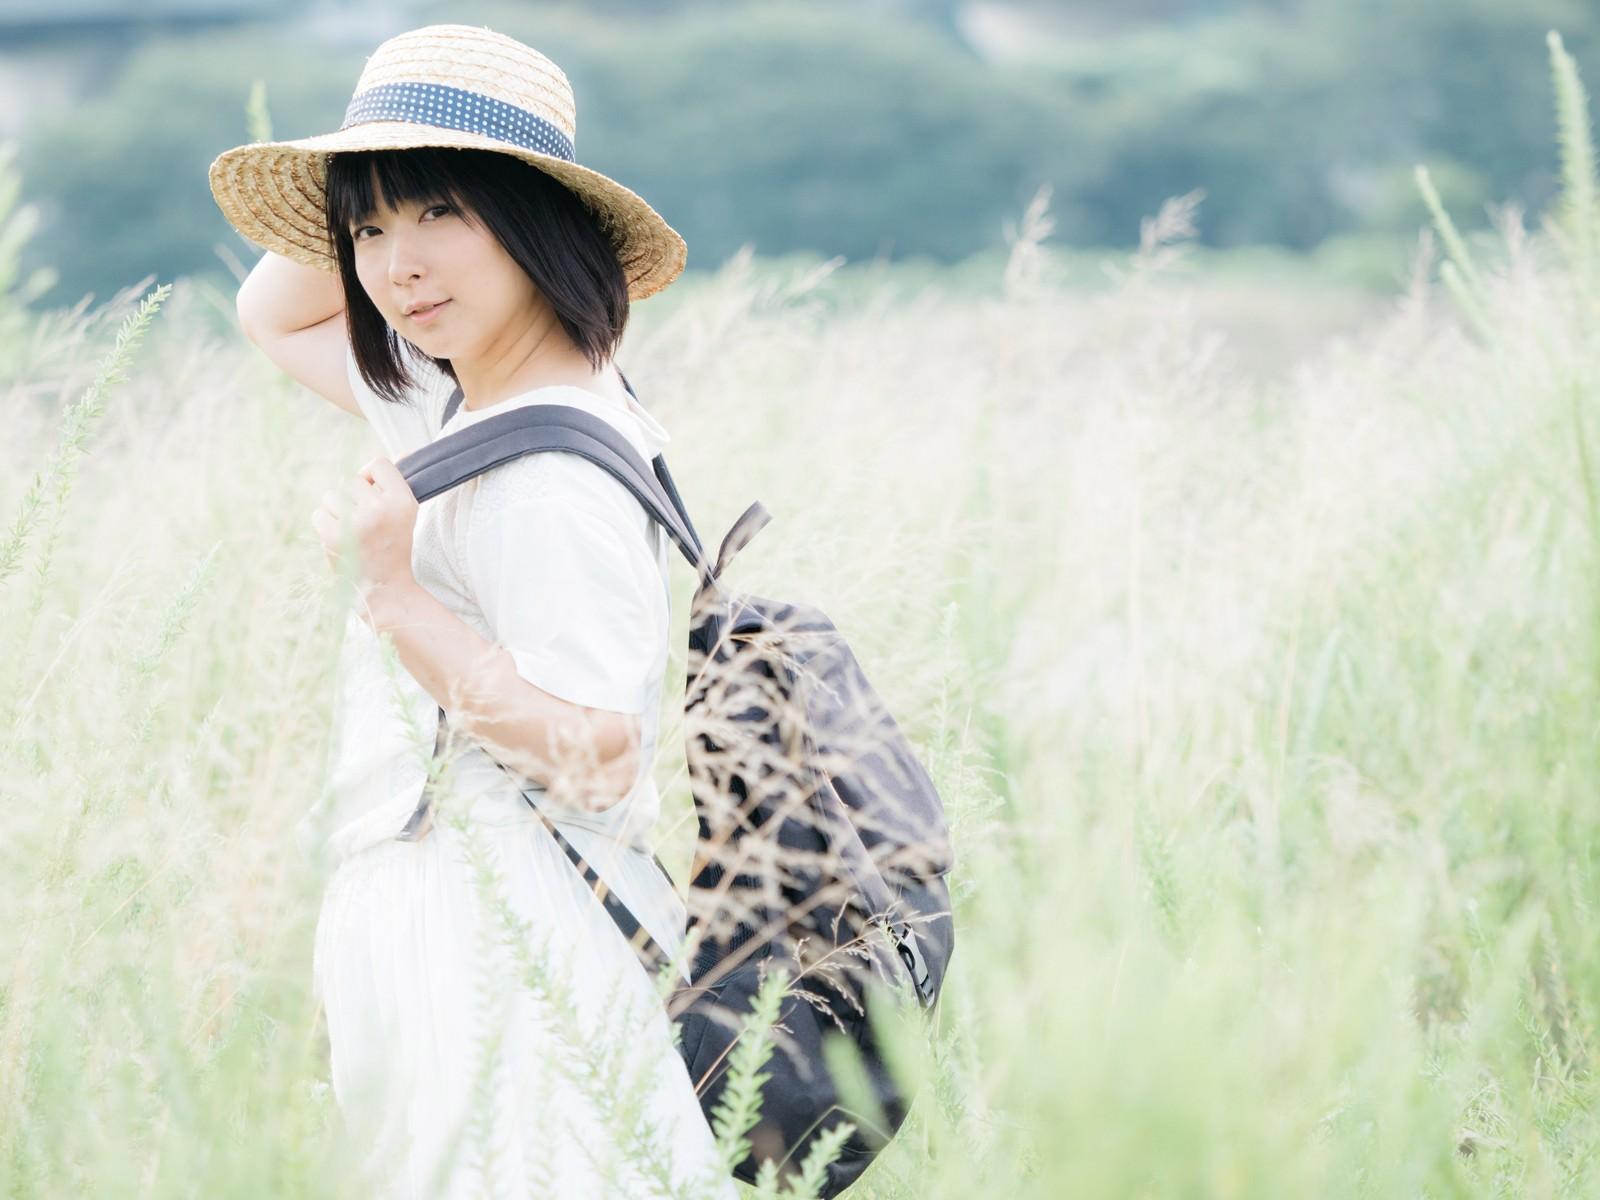 「麦わら帽をかぶった彼女」の写真[モデル:にゃるる]